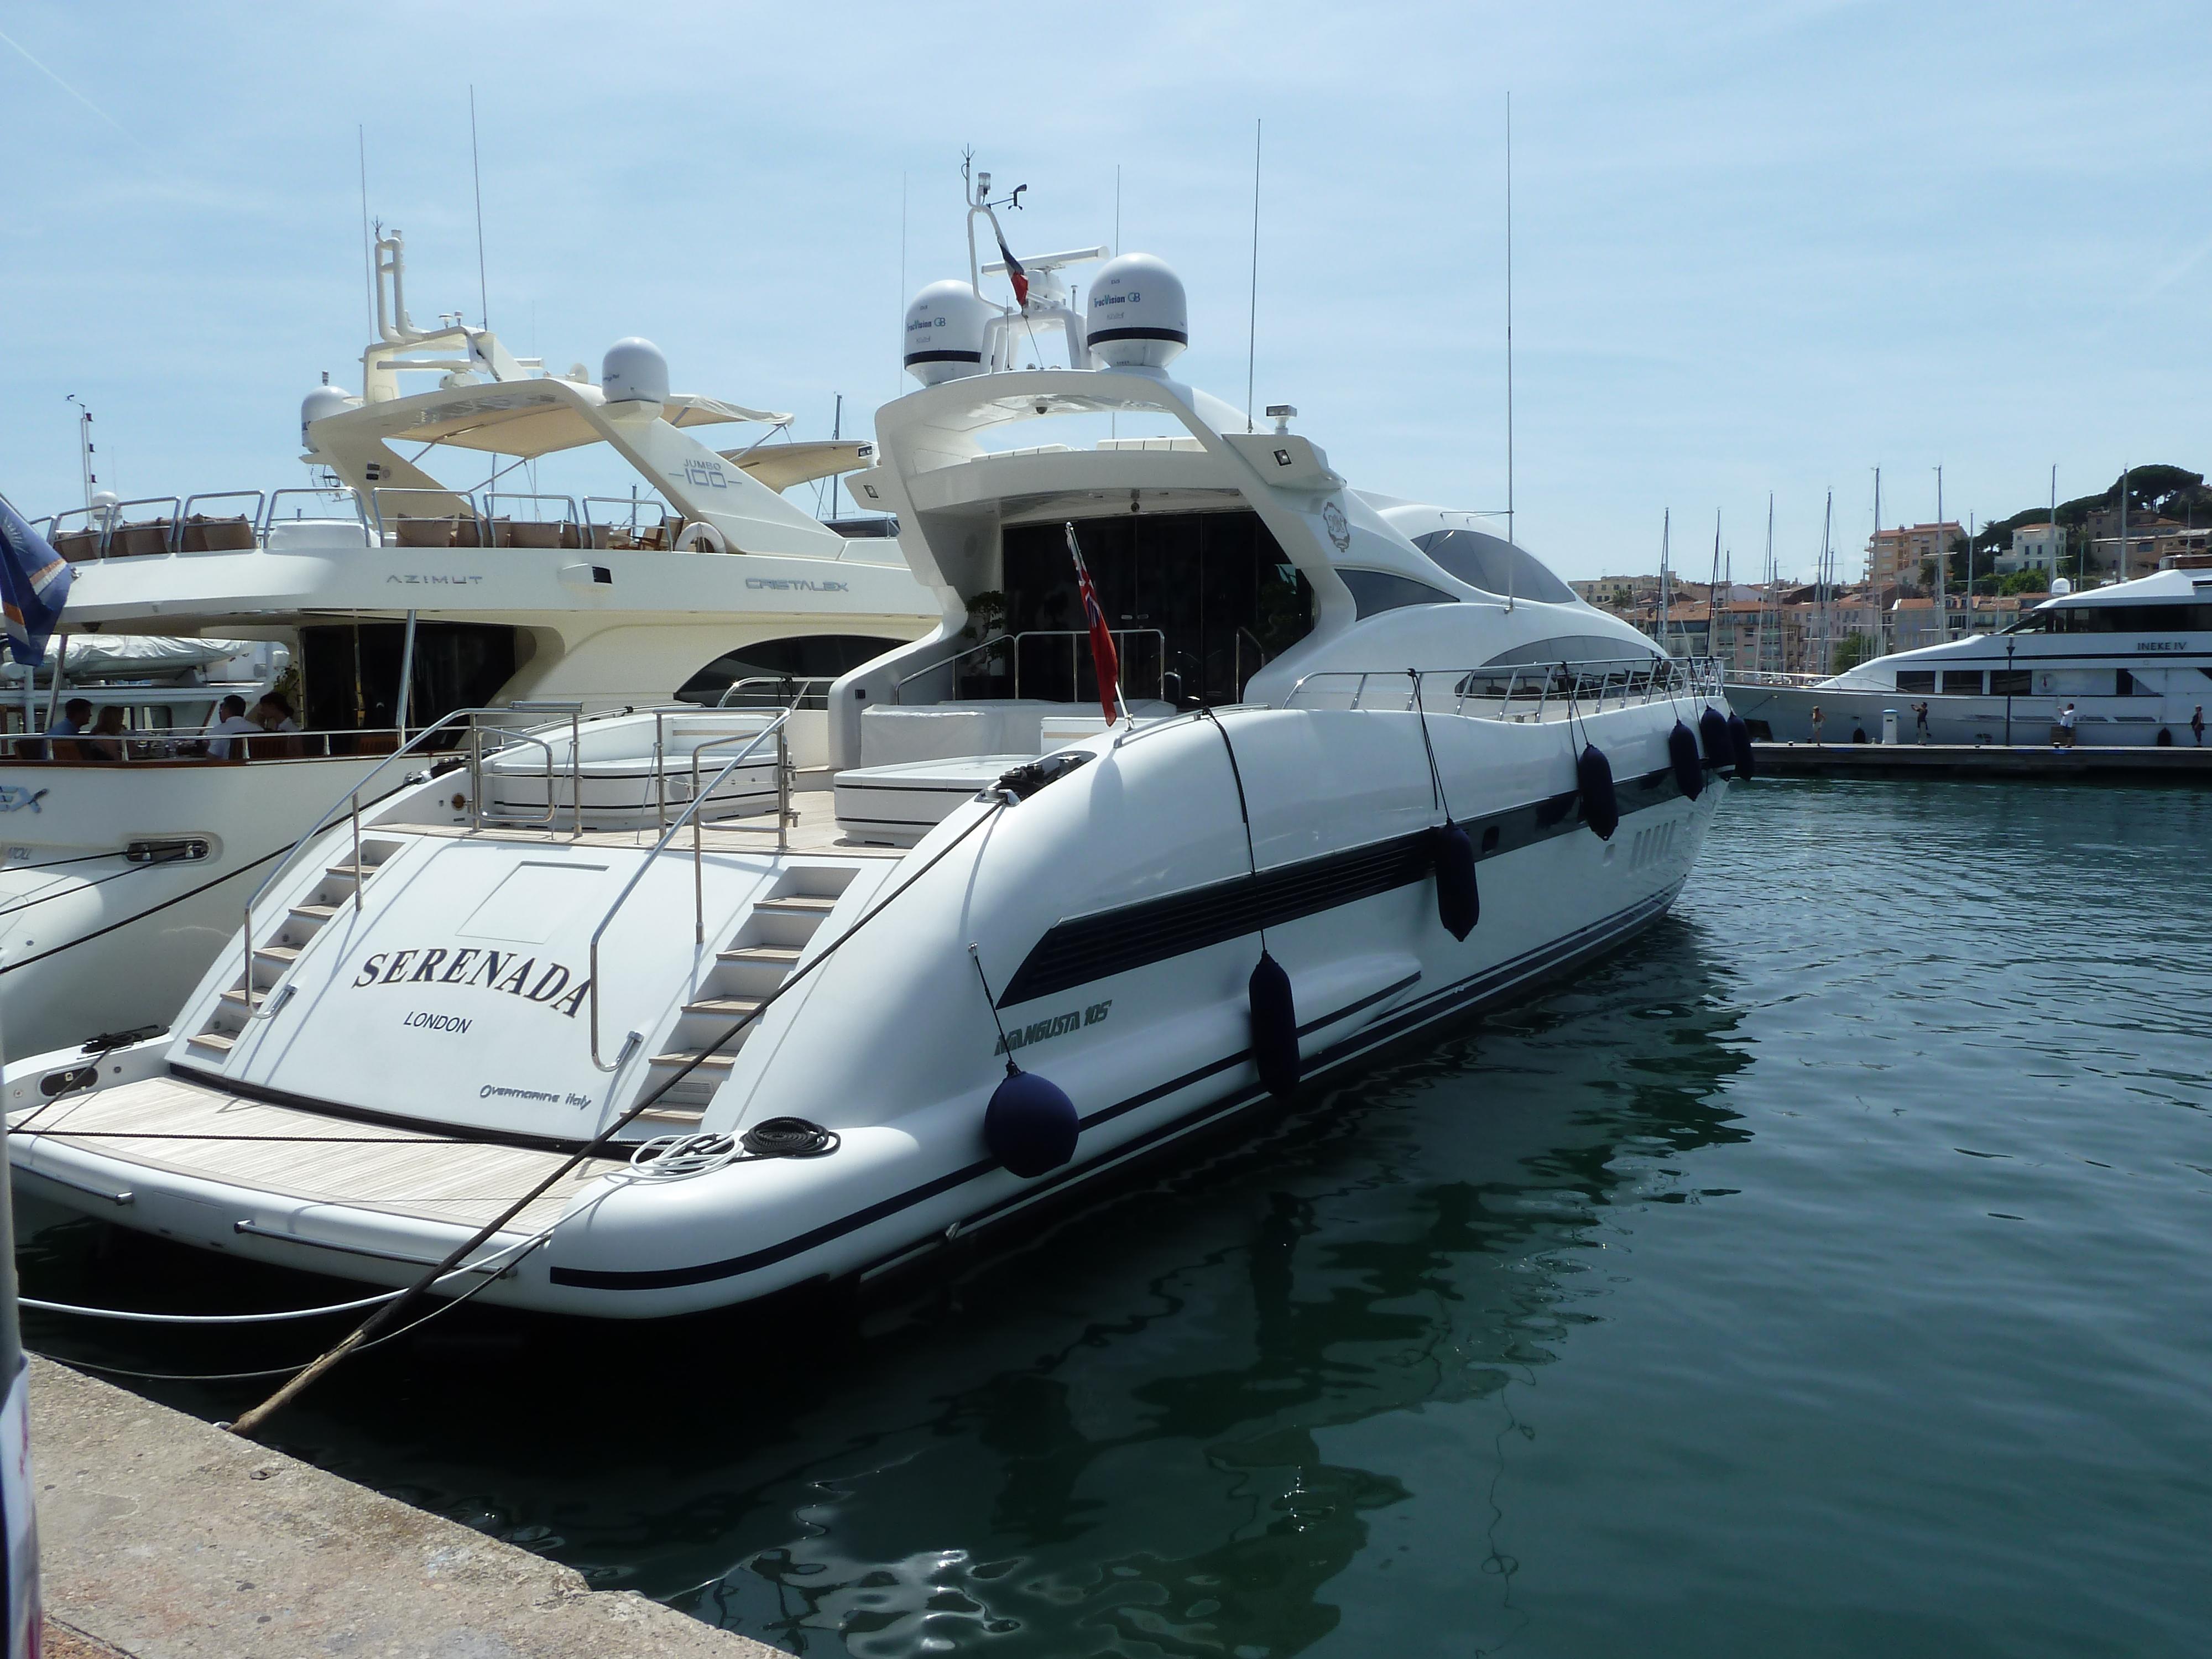 Serenada, Mangusta 105' S, Cannes